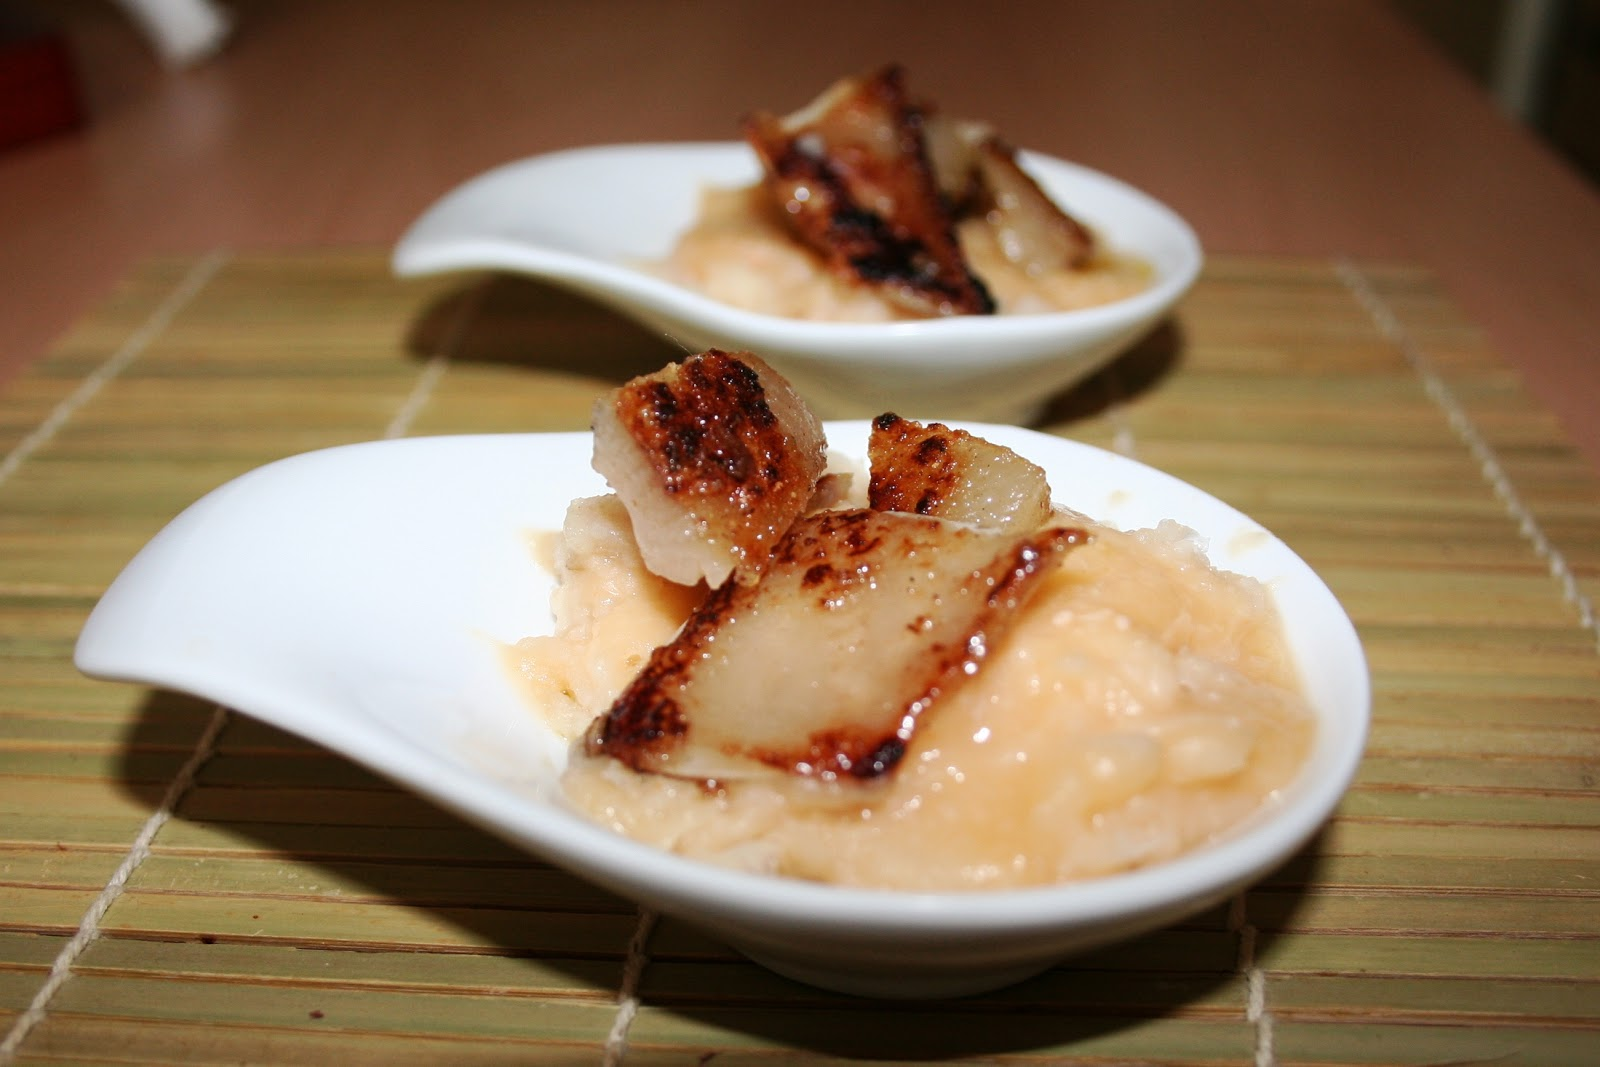 Evasiones culinarias judias con morro y oreja for Cocinar oreja de cerdo